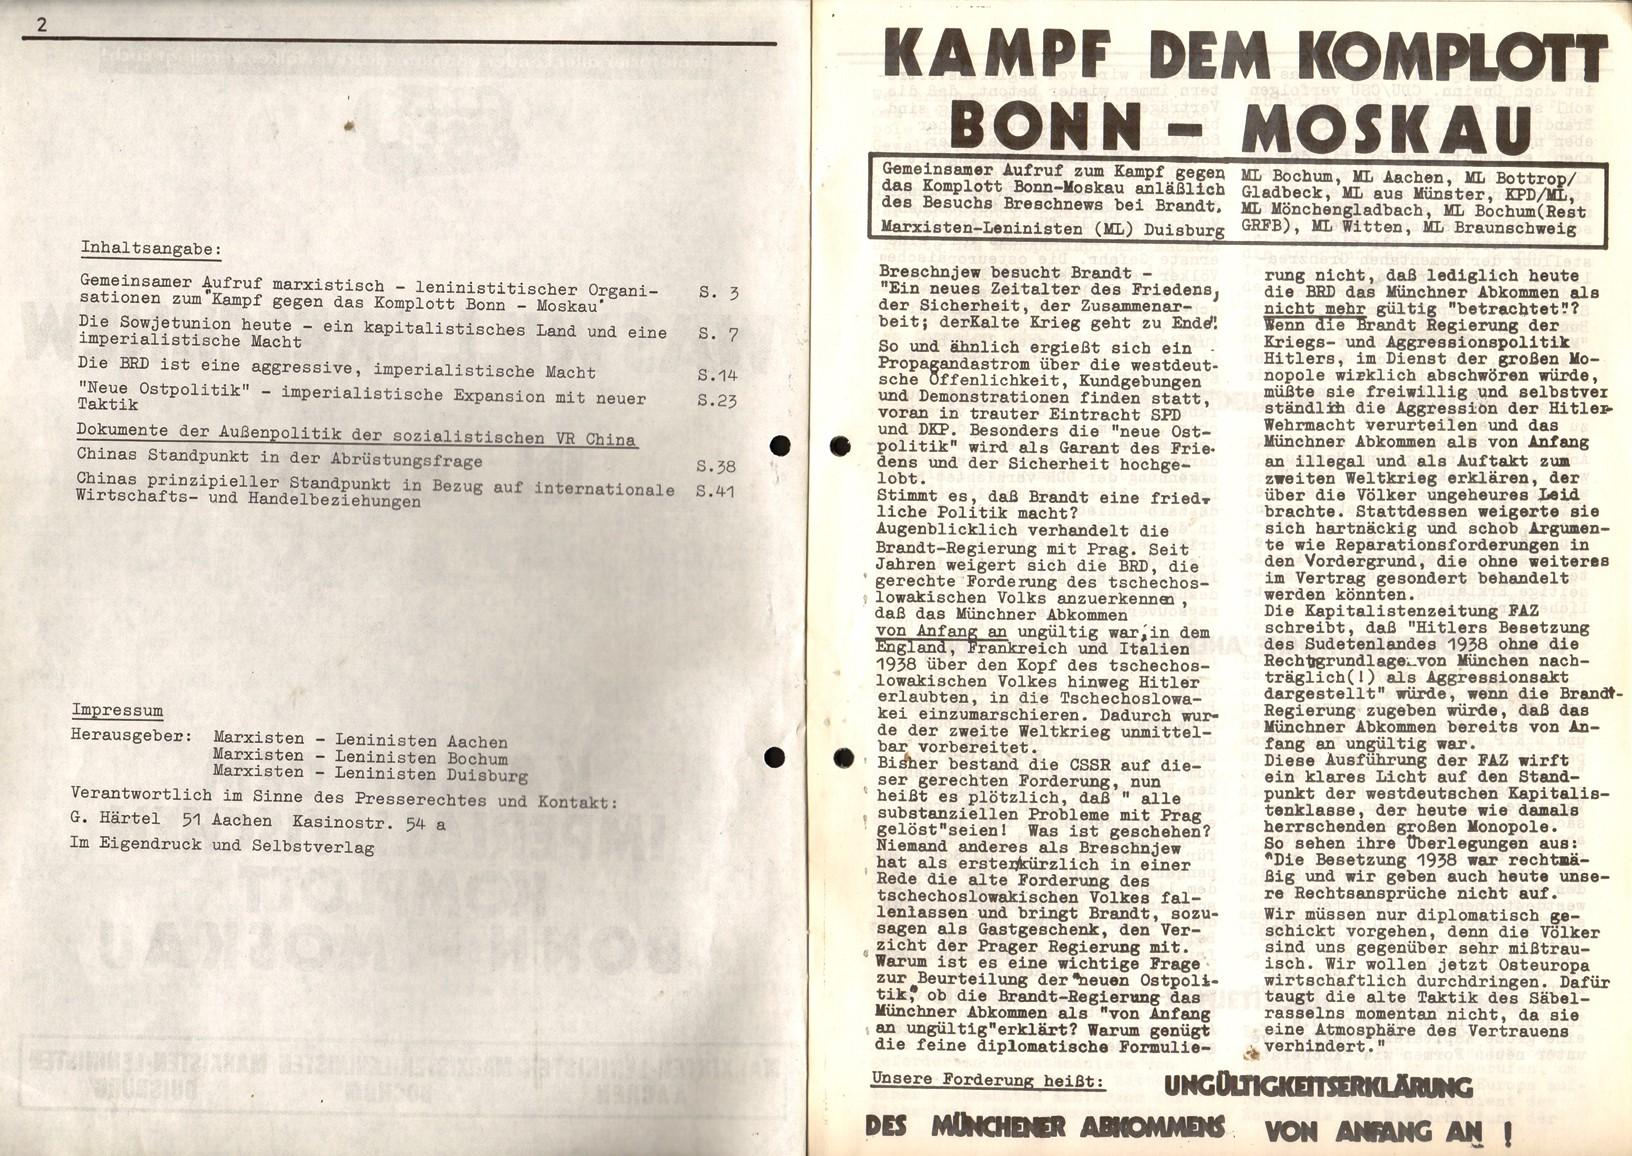 ML_Aachen_Bochum_Duisburg_1973_Breschnew_in_Bonn_02